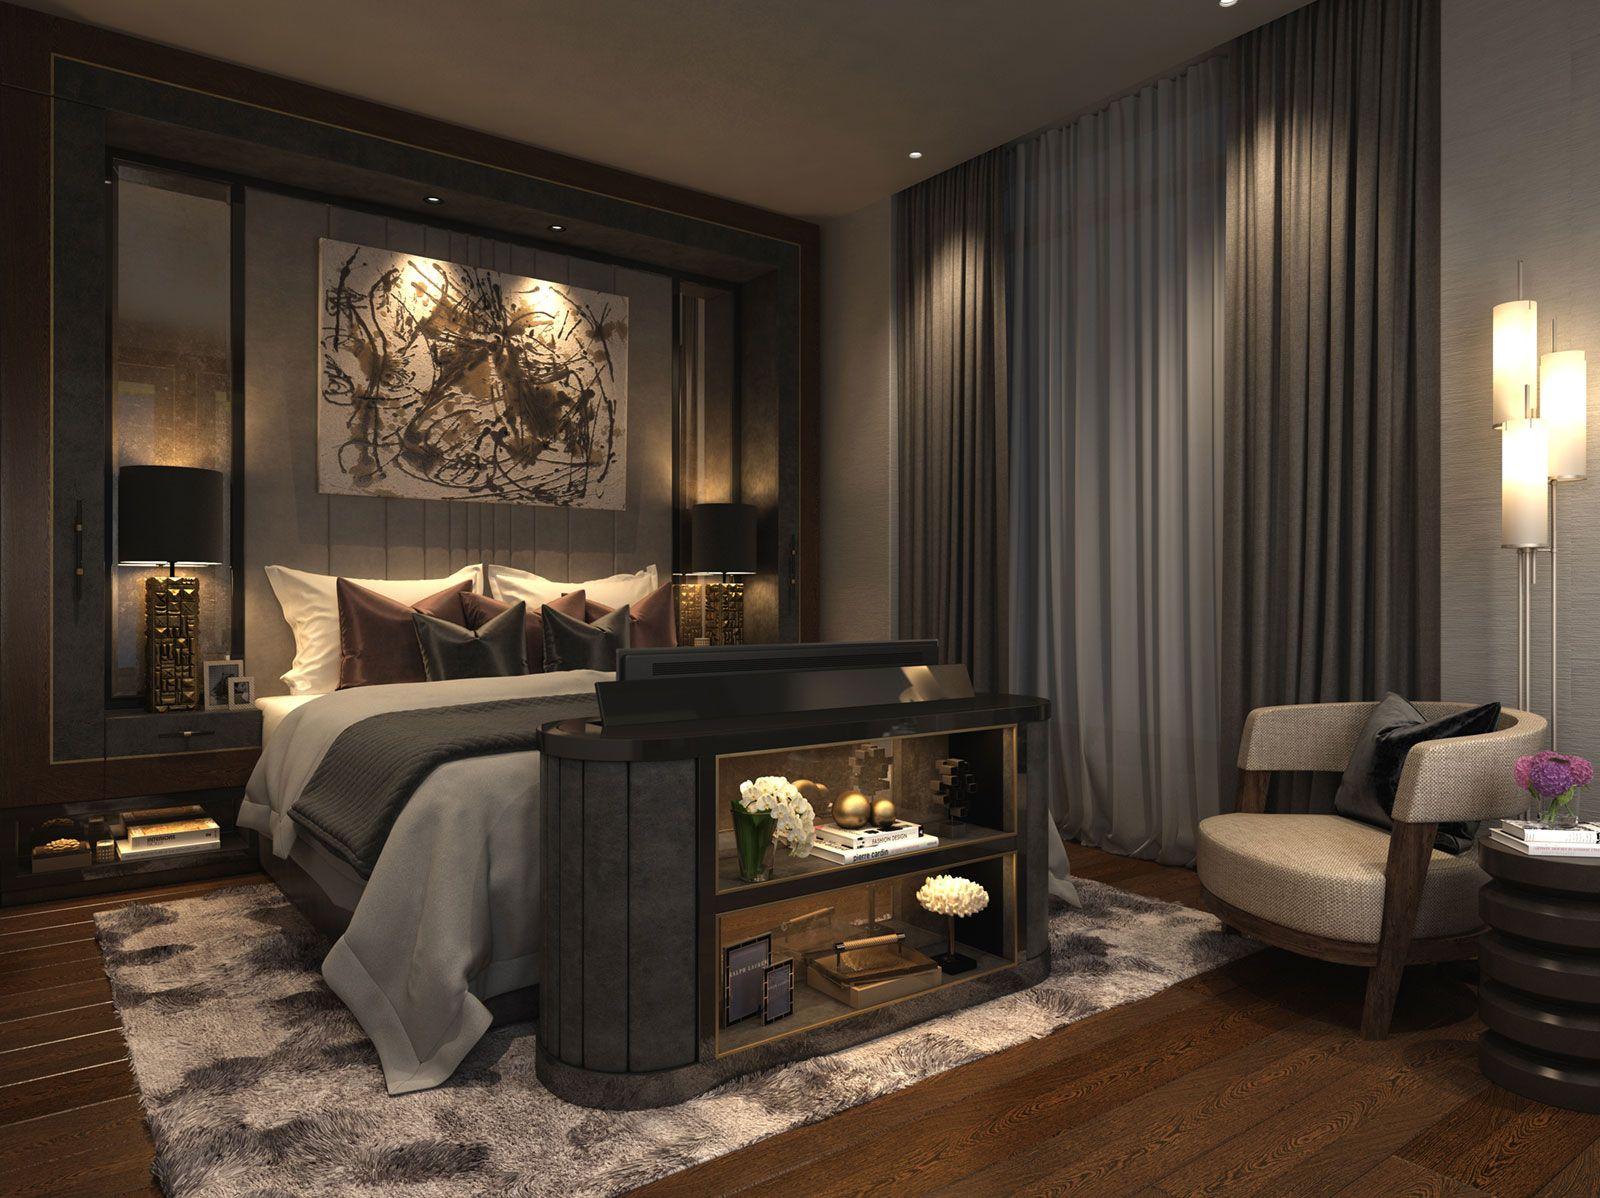 Katz Luxury Elegant And Beautiful Bedroom Best Top Famous